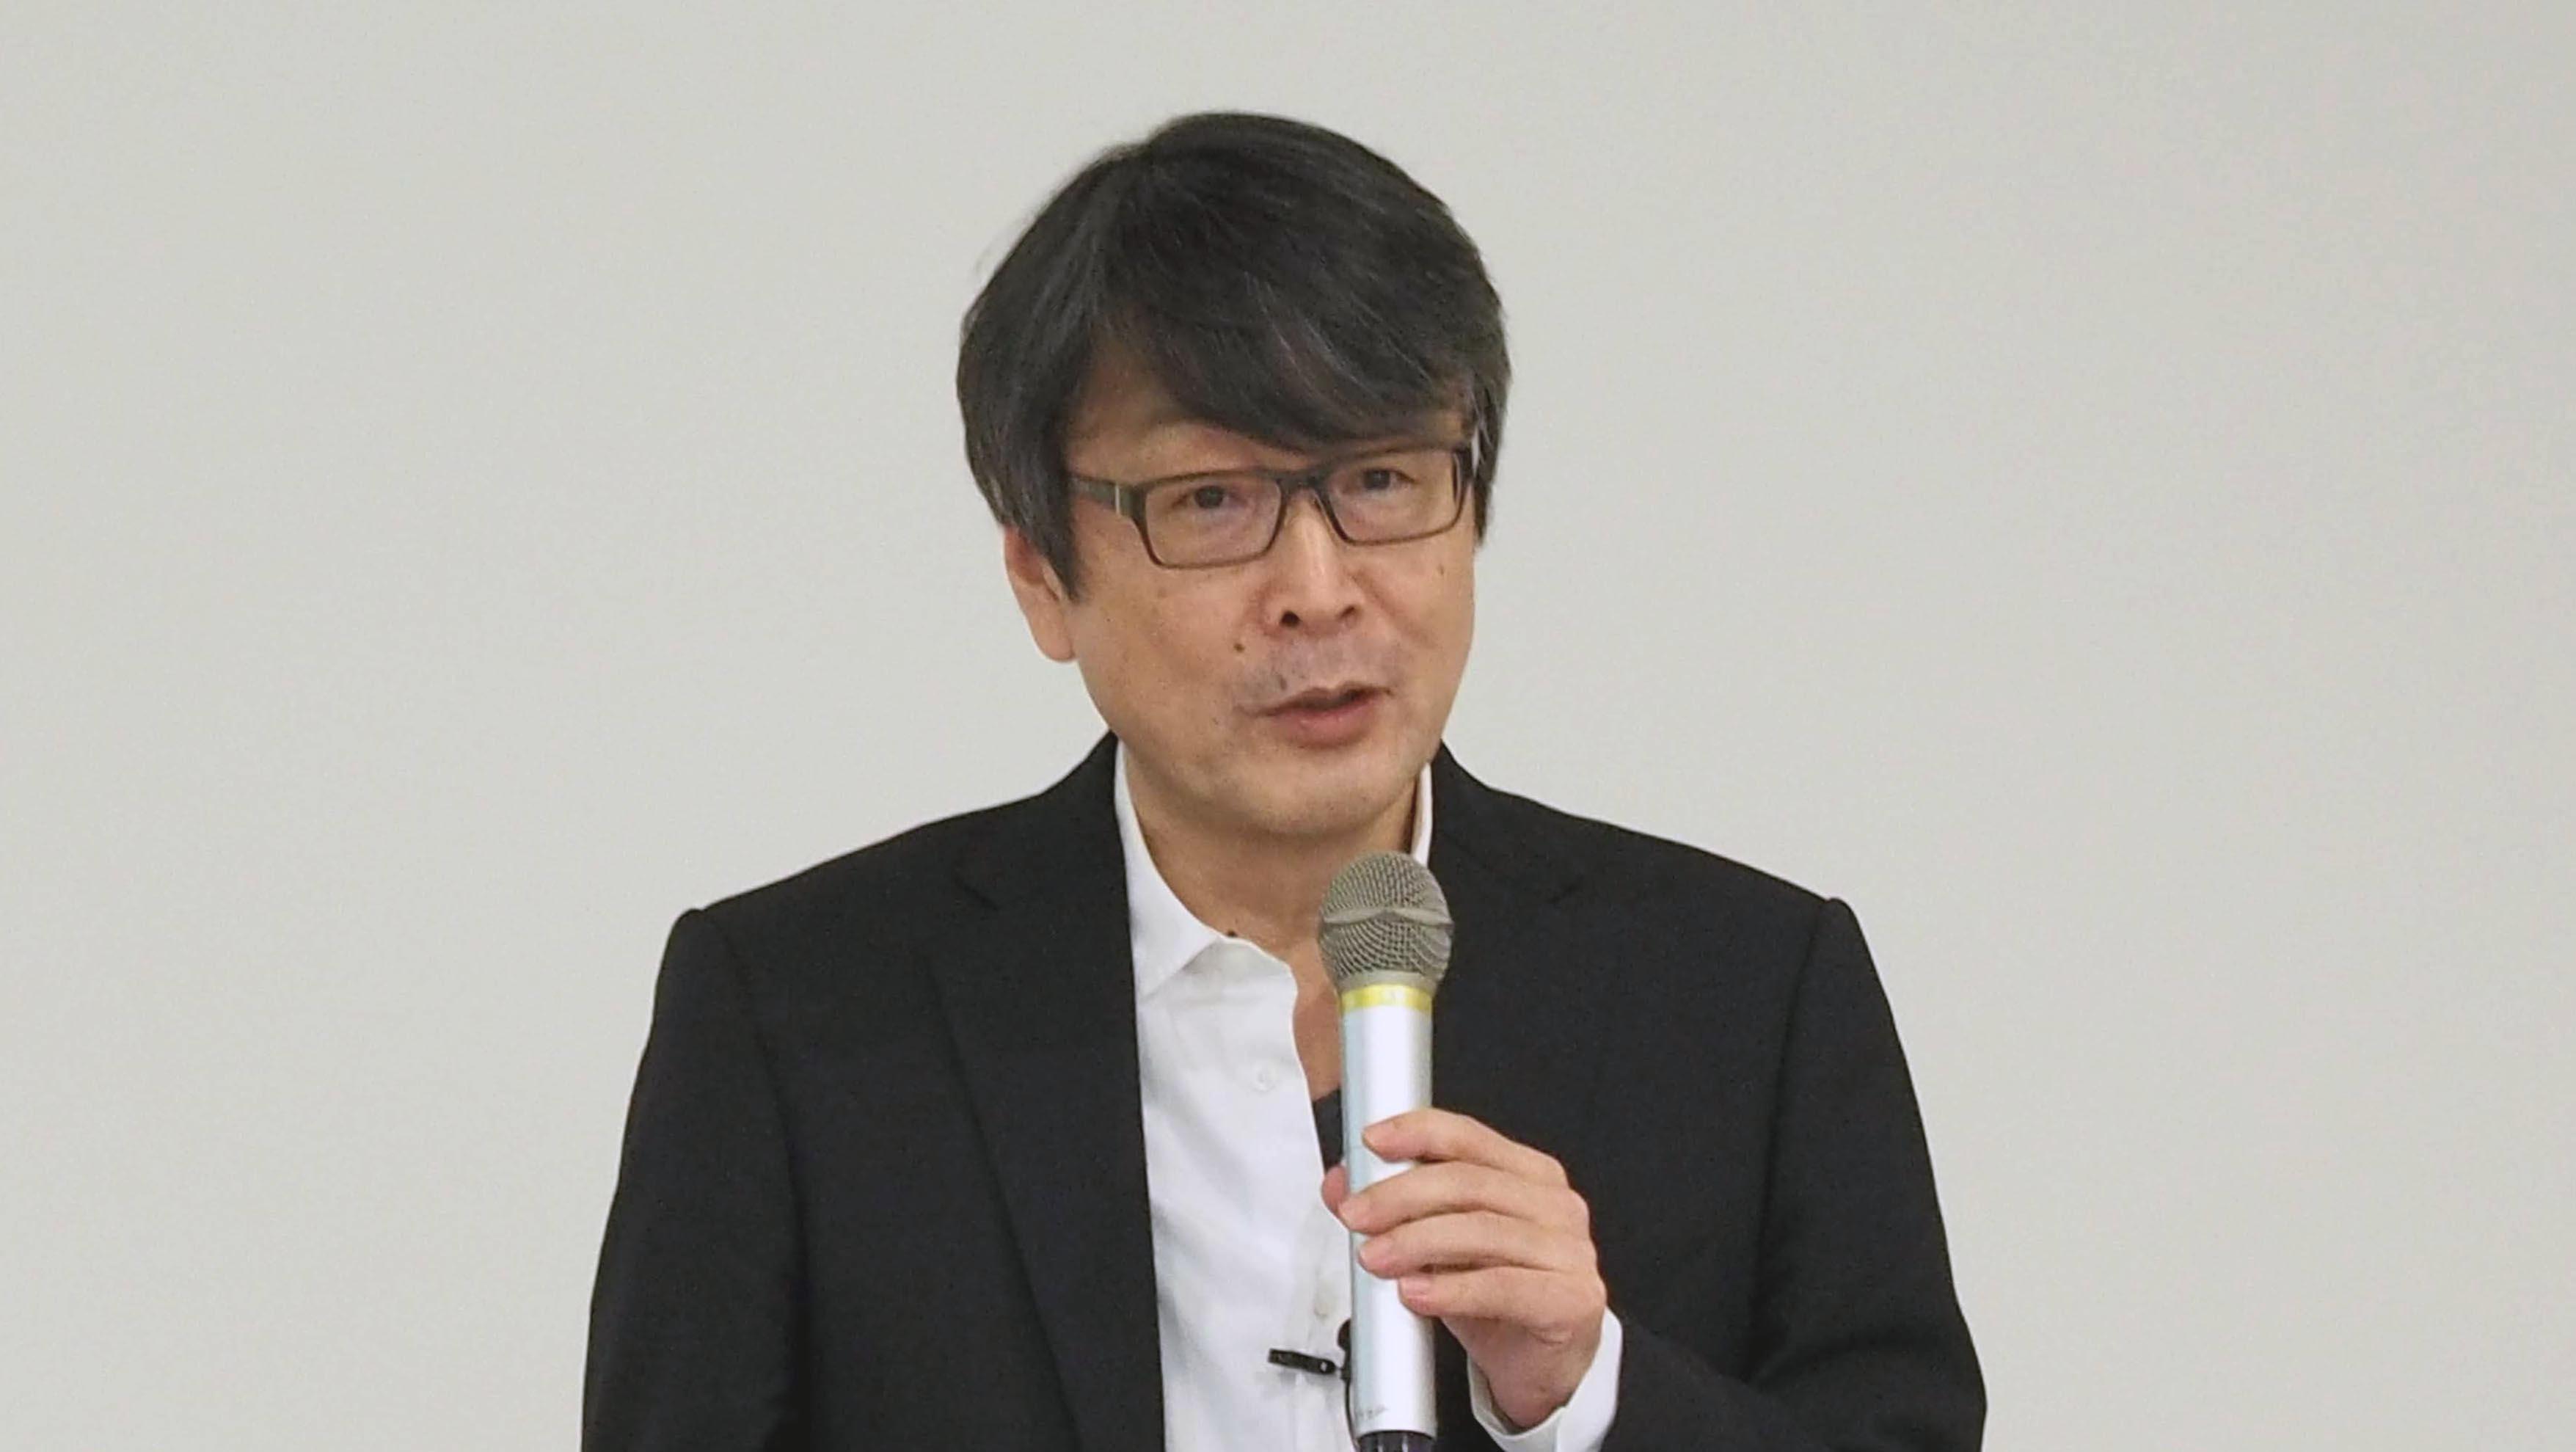 [HEIJ・第3回フォーラム] 人間の知性は、AI とどう異なり、どう育てるべきか